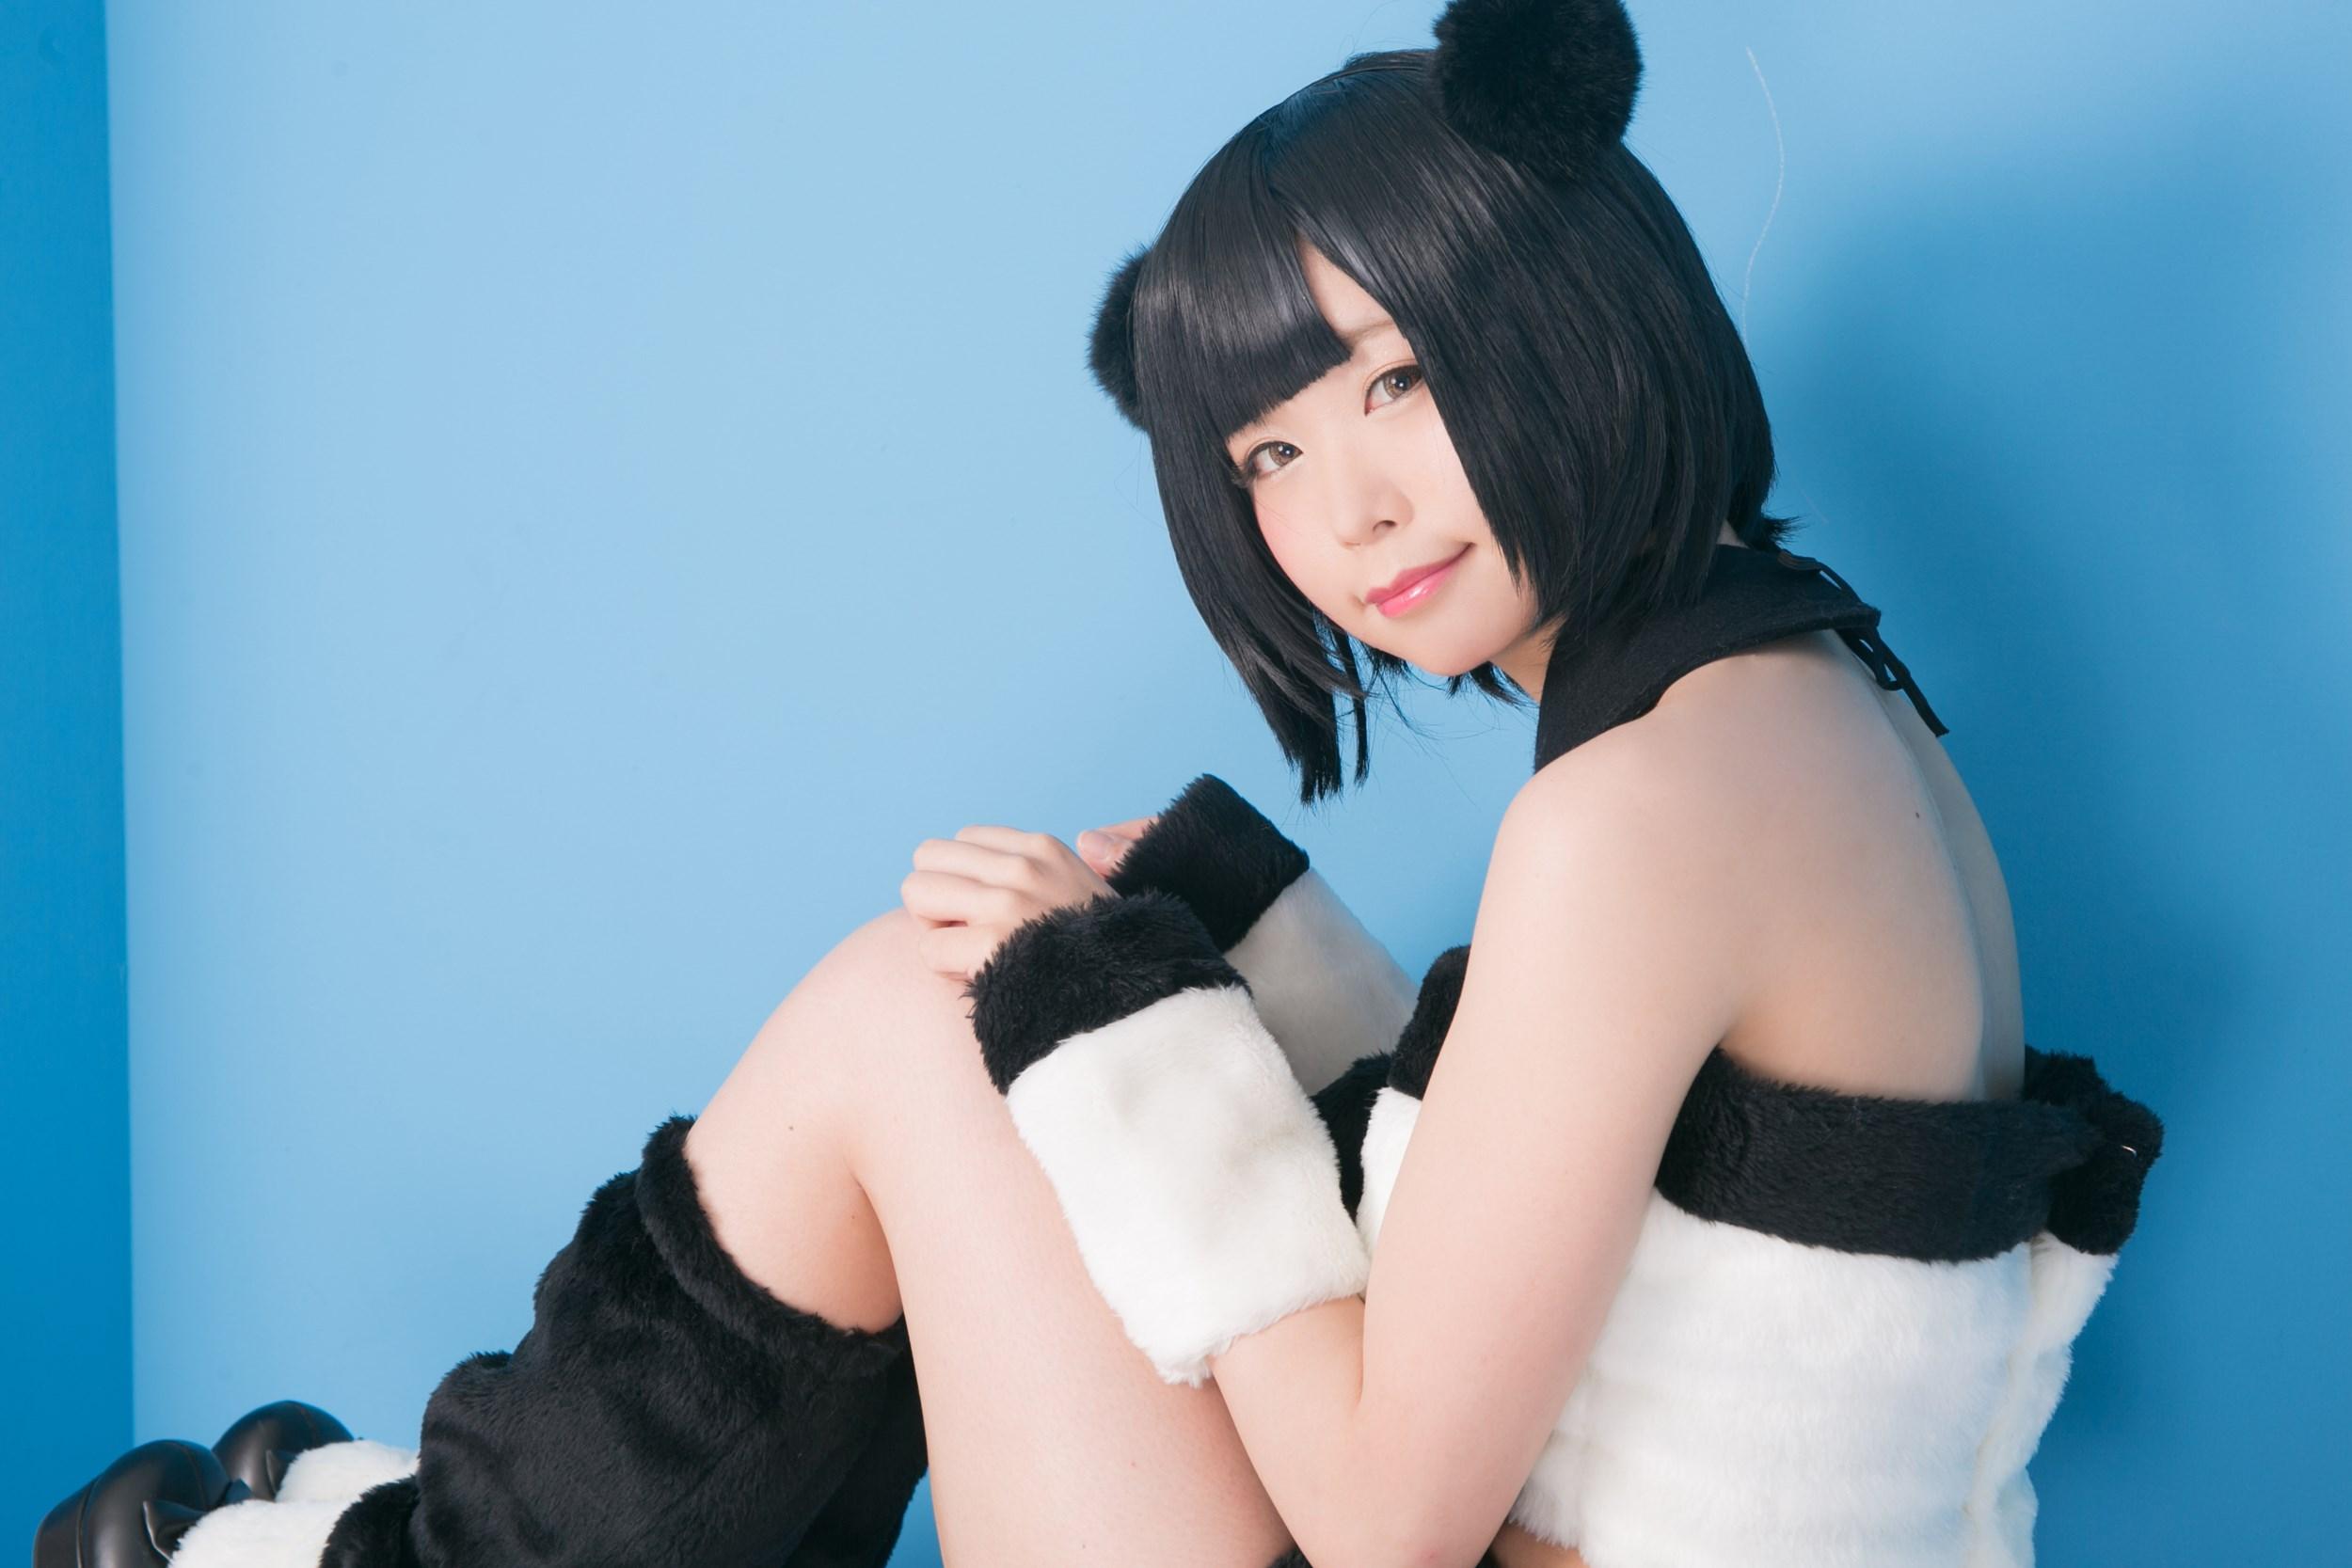 【兔玩映画】熊猫娘 兔玩映画 第23张